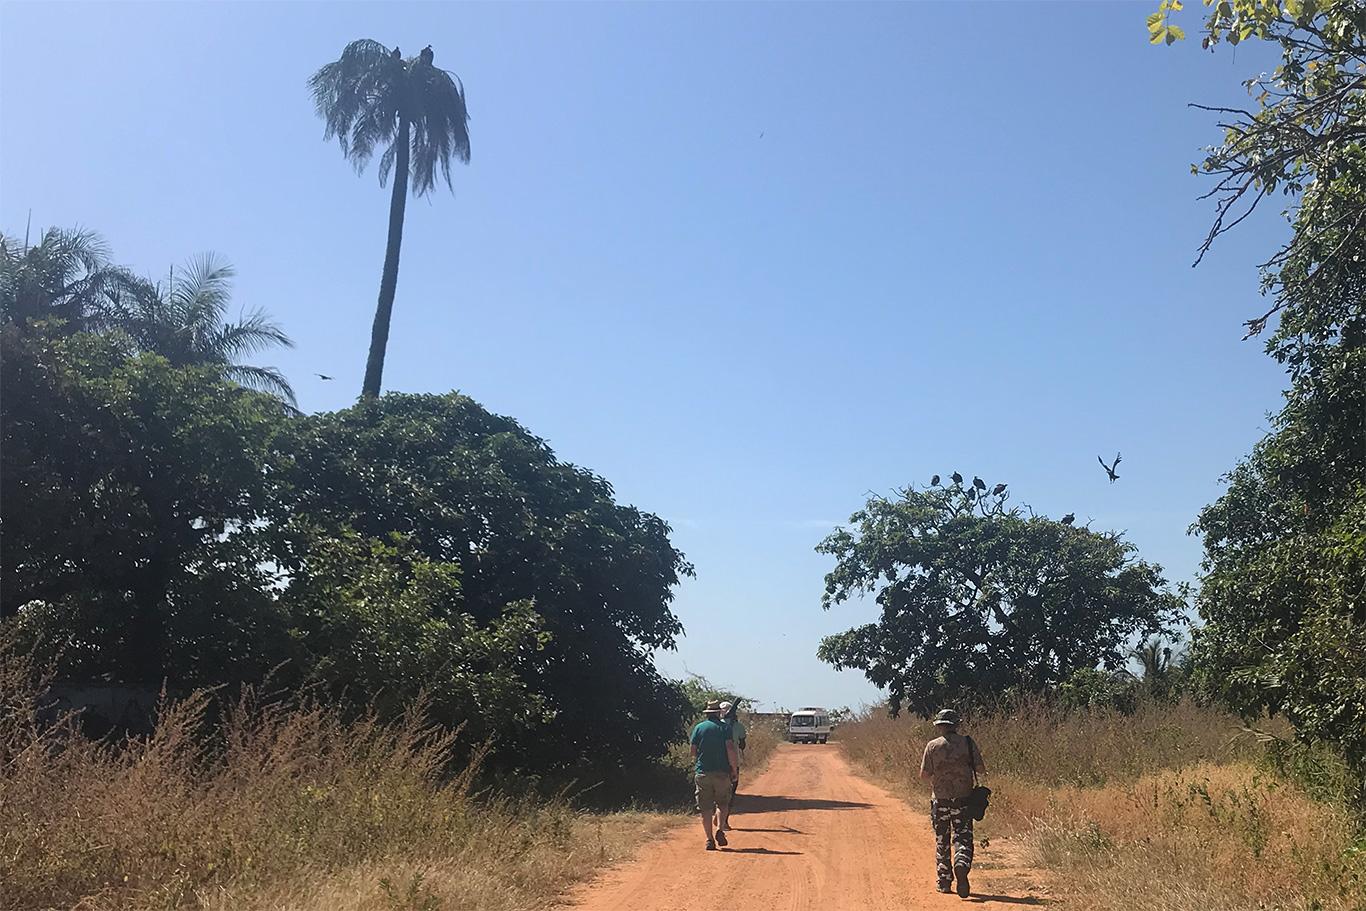 Birding in Kartong near the beach, Kartong, The Gambia.